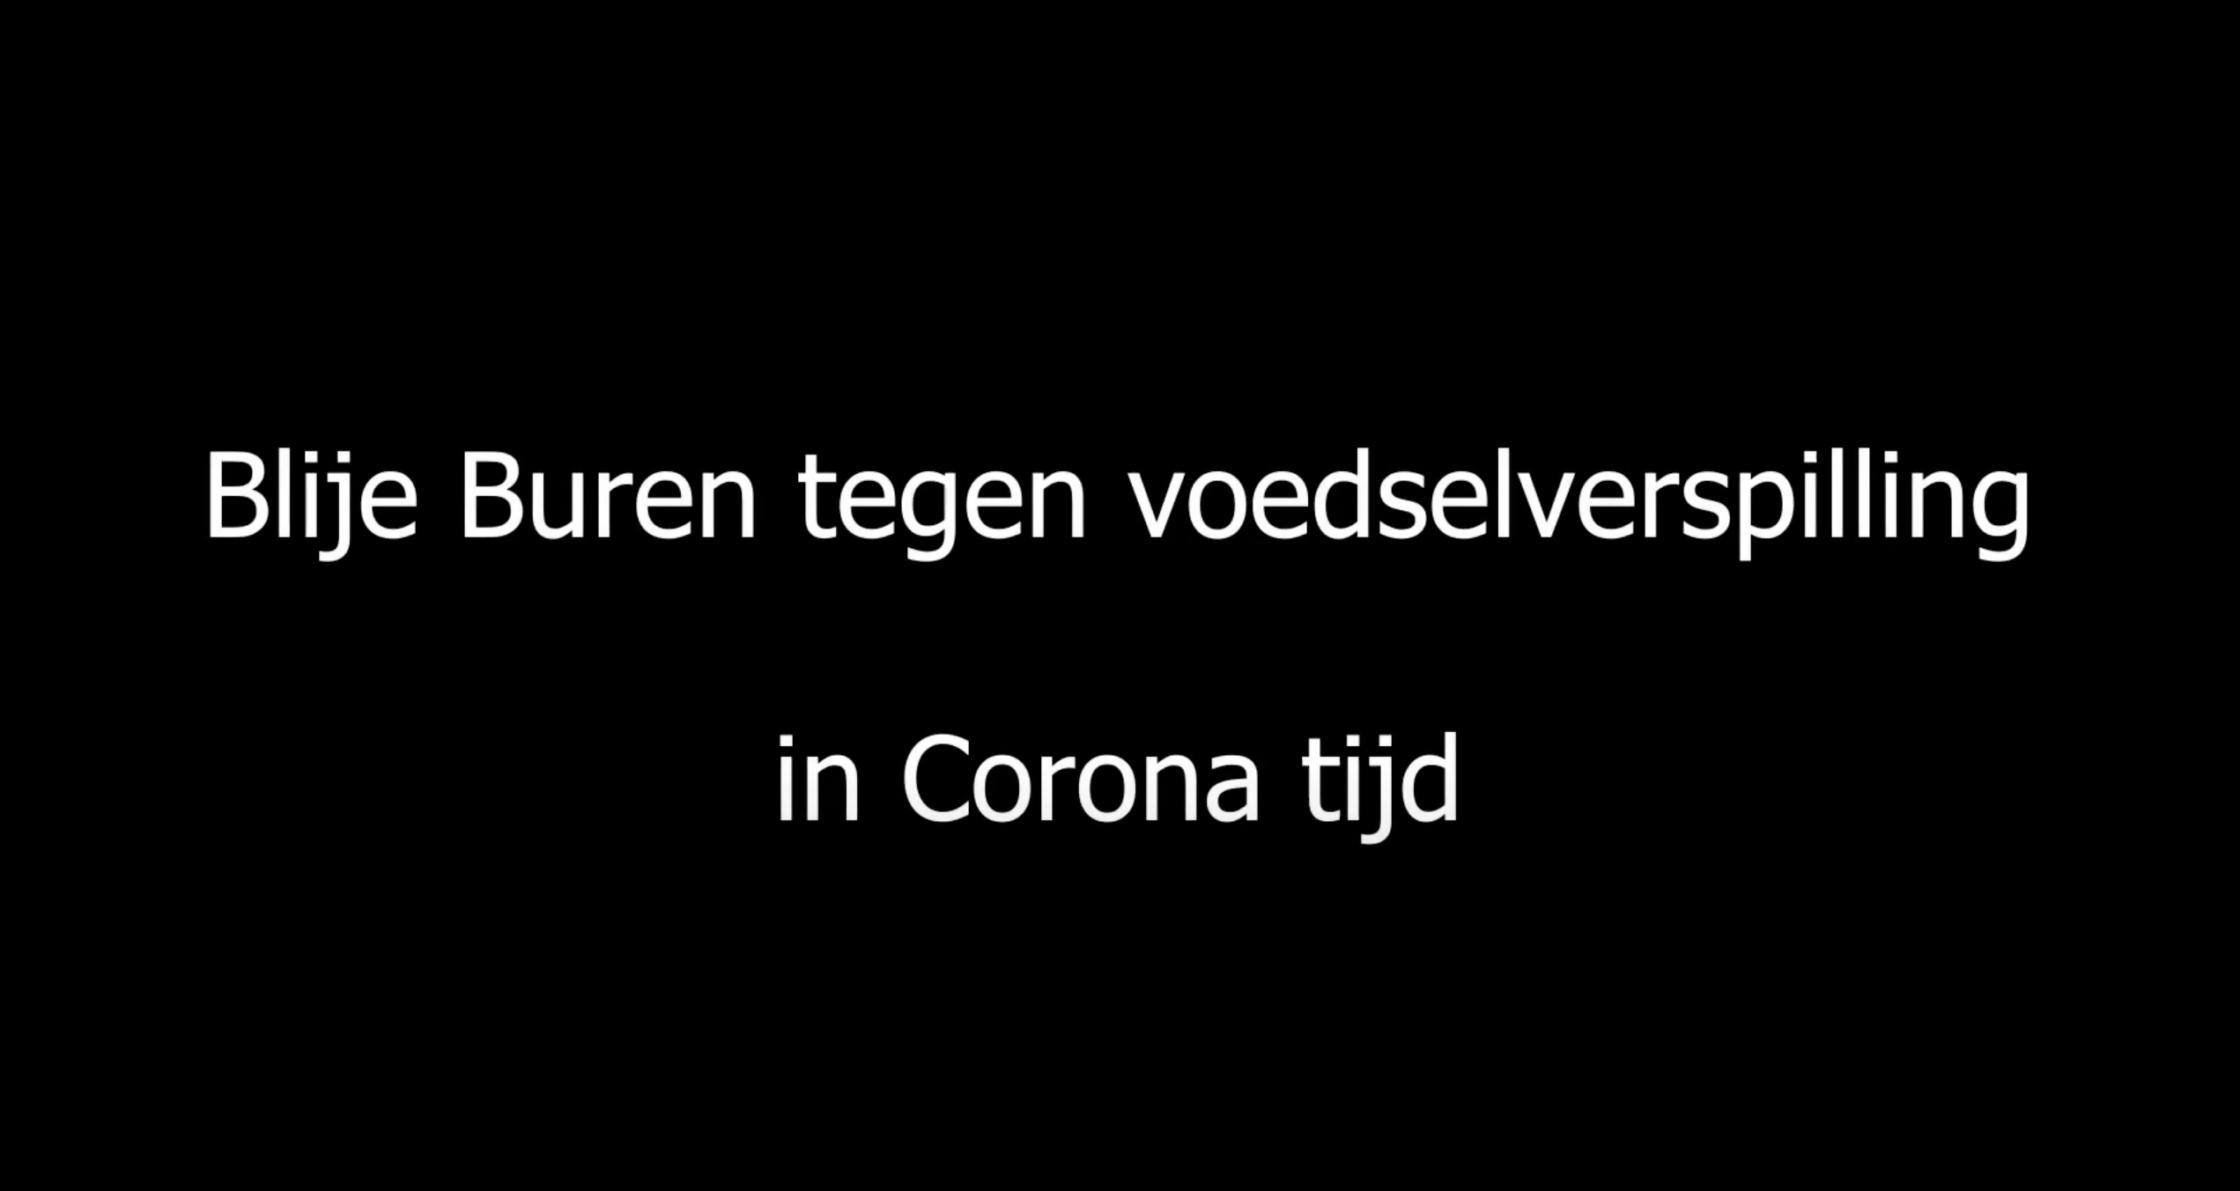 blije-buren-corona-tijd